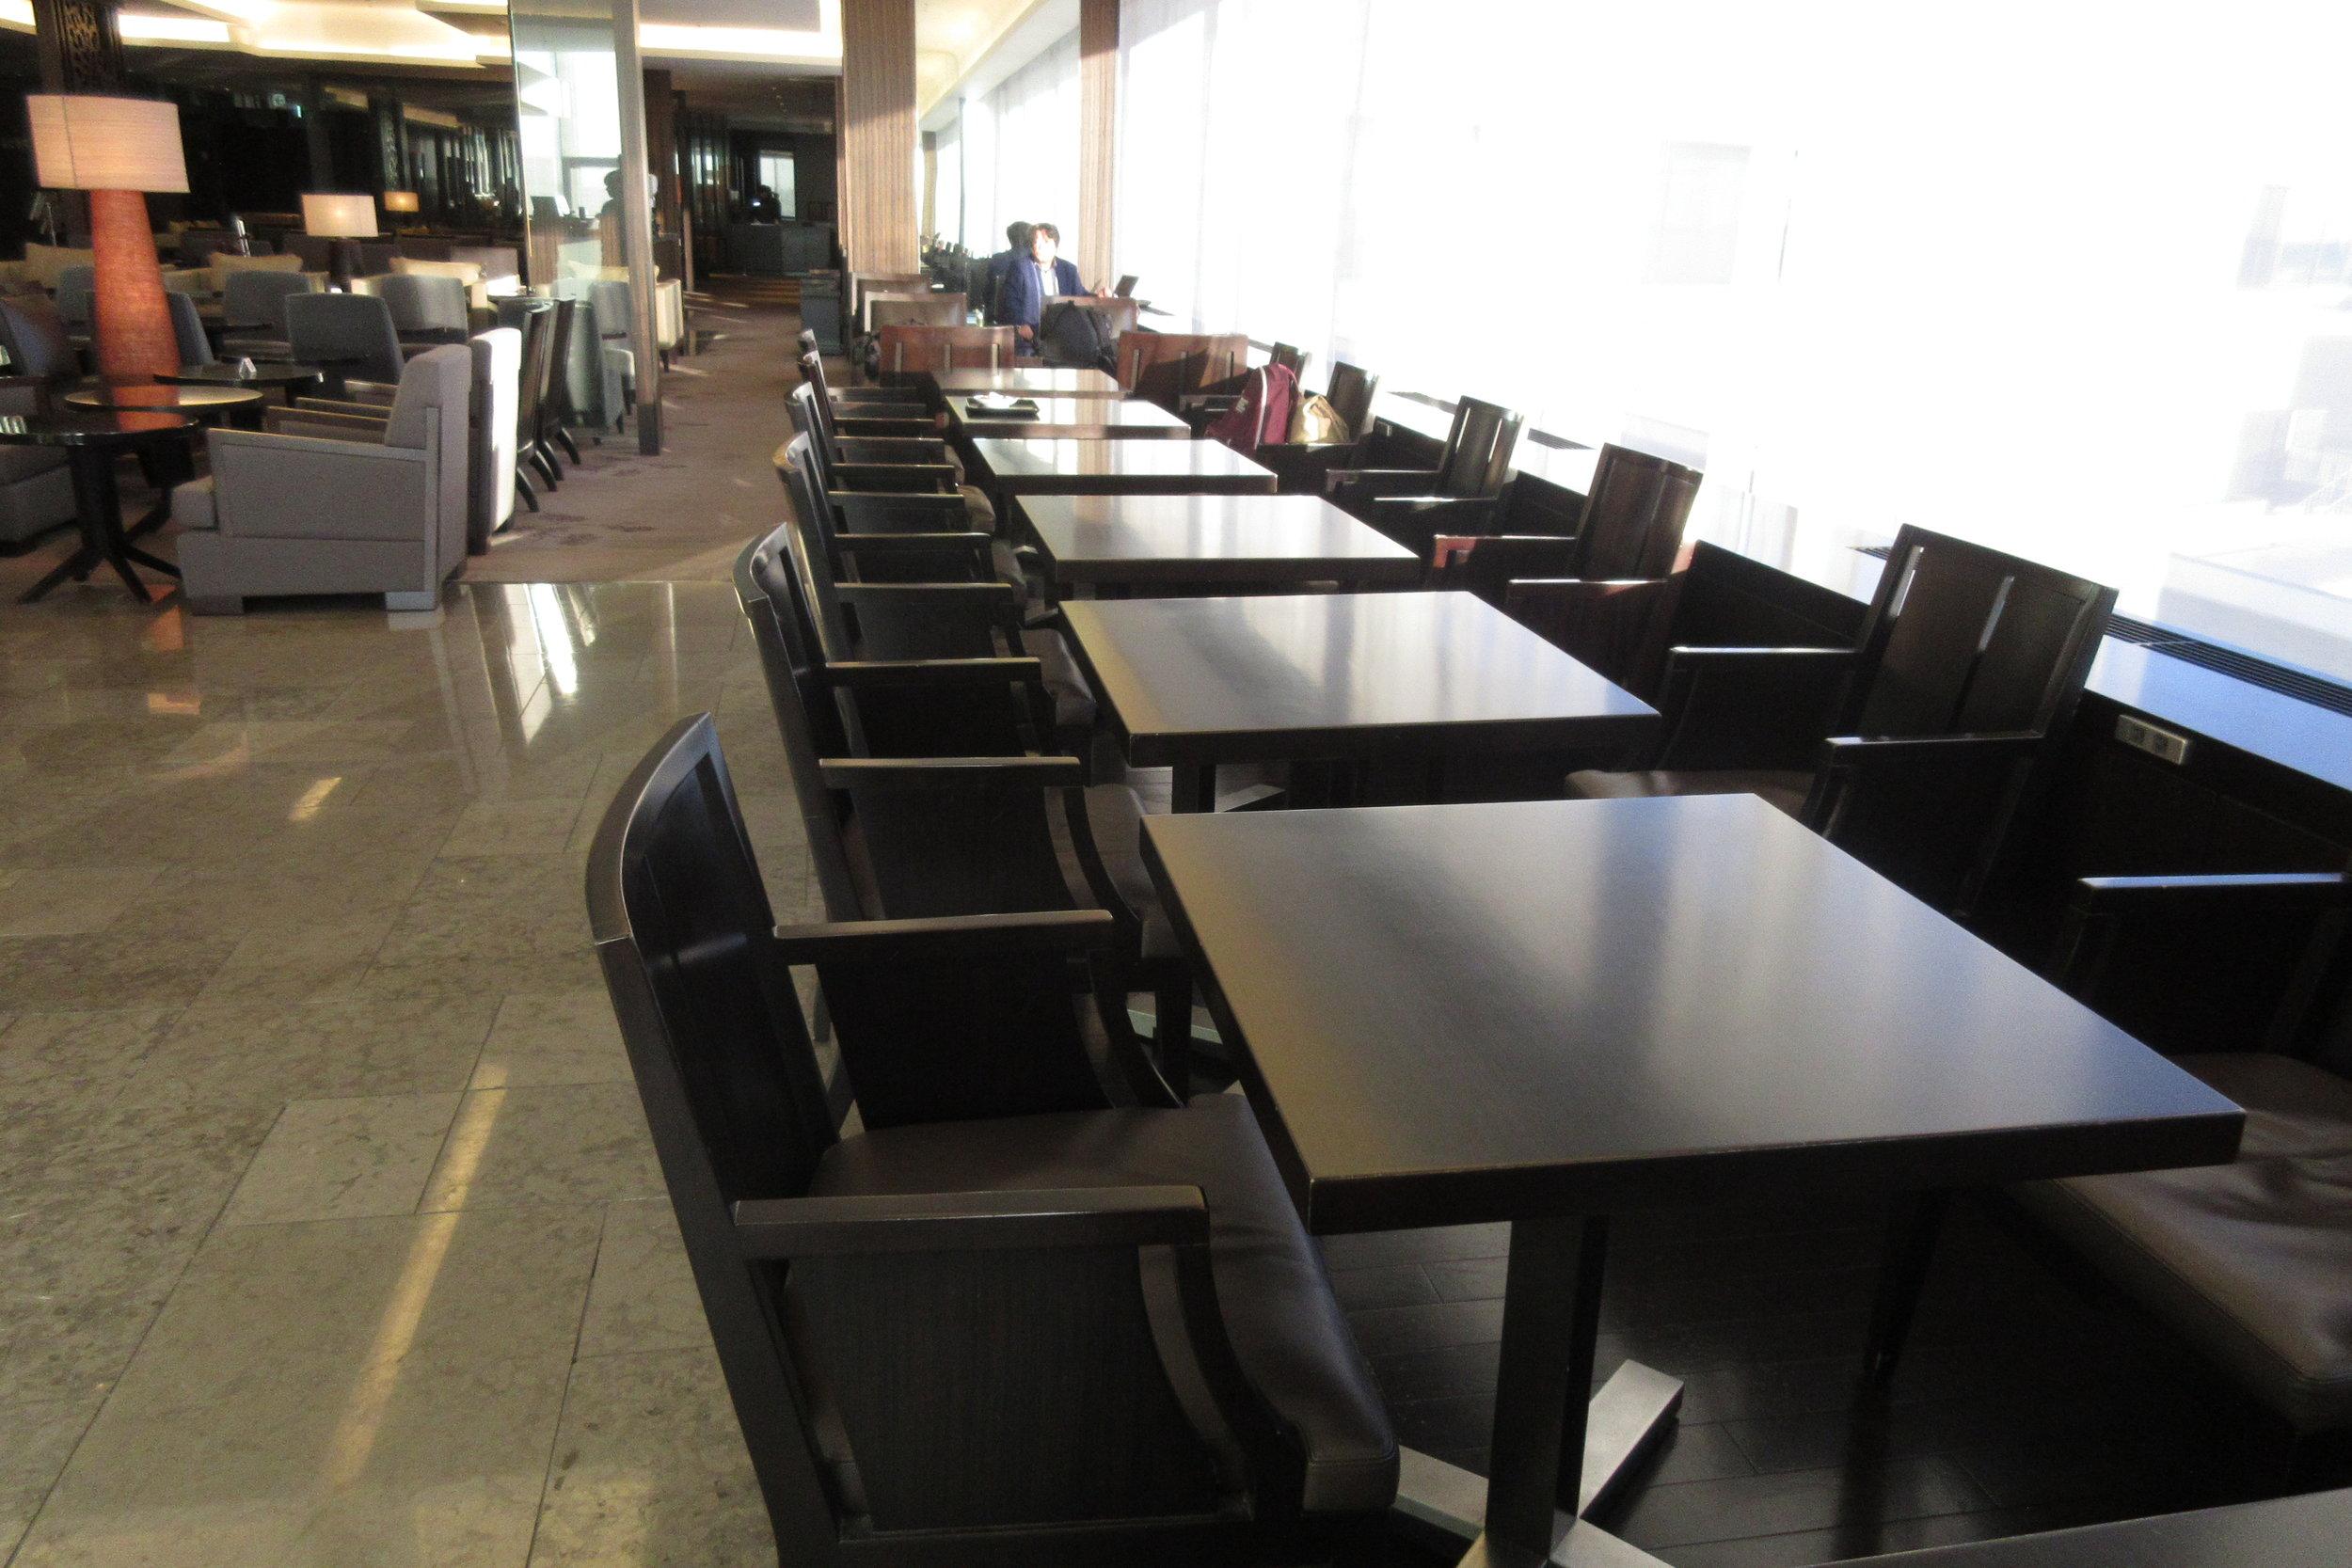 Japan Airlines Sakura Lounge Tokyo Narita – Dining tables